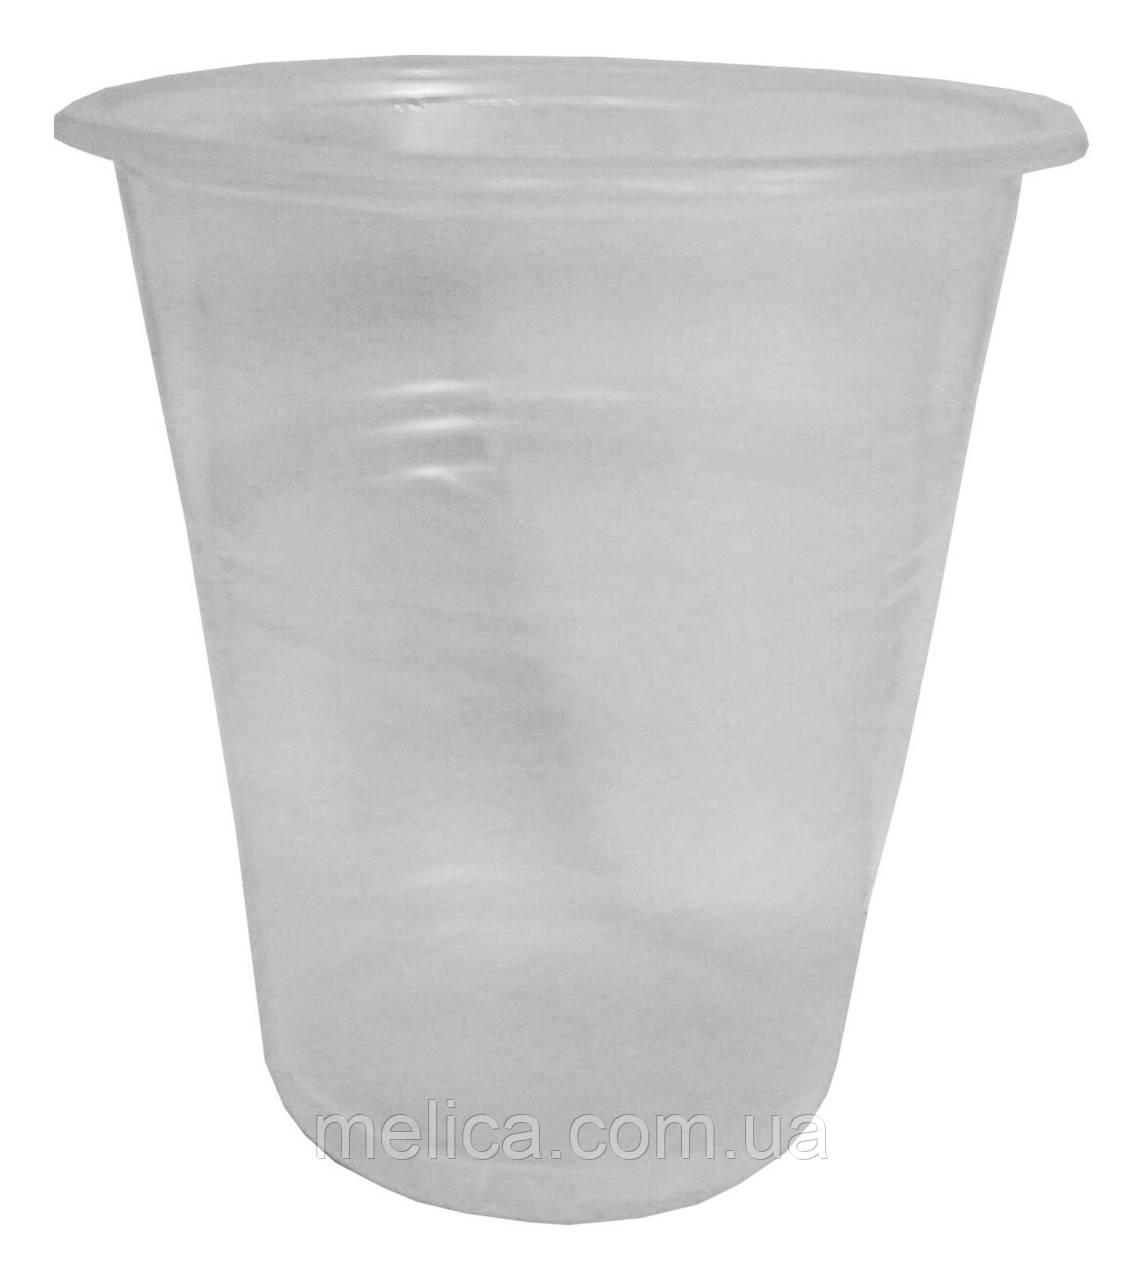 Стакани пластикові одноразові PGU 180 мл. - 100 шт.